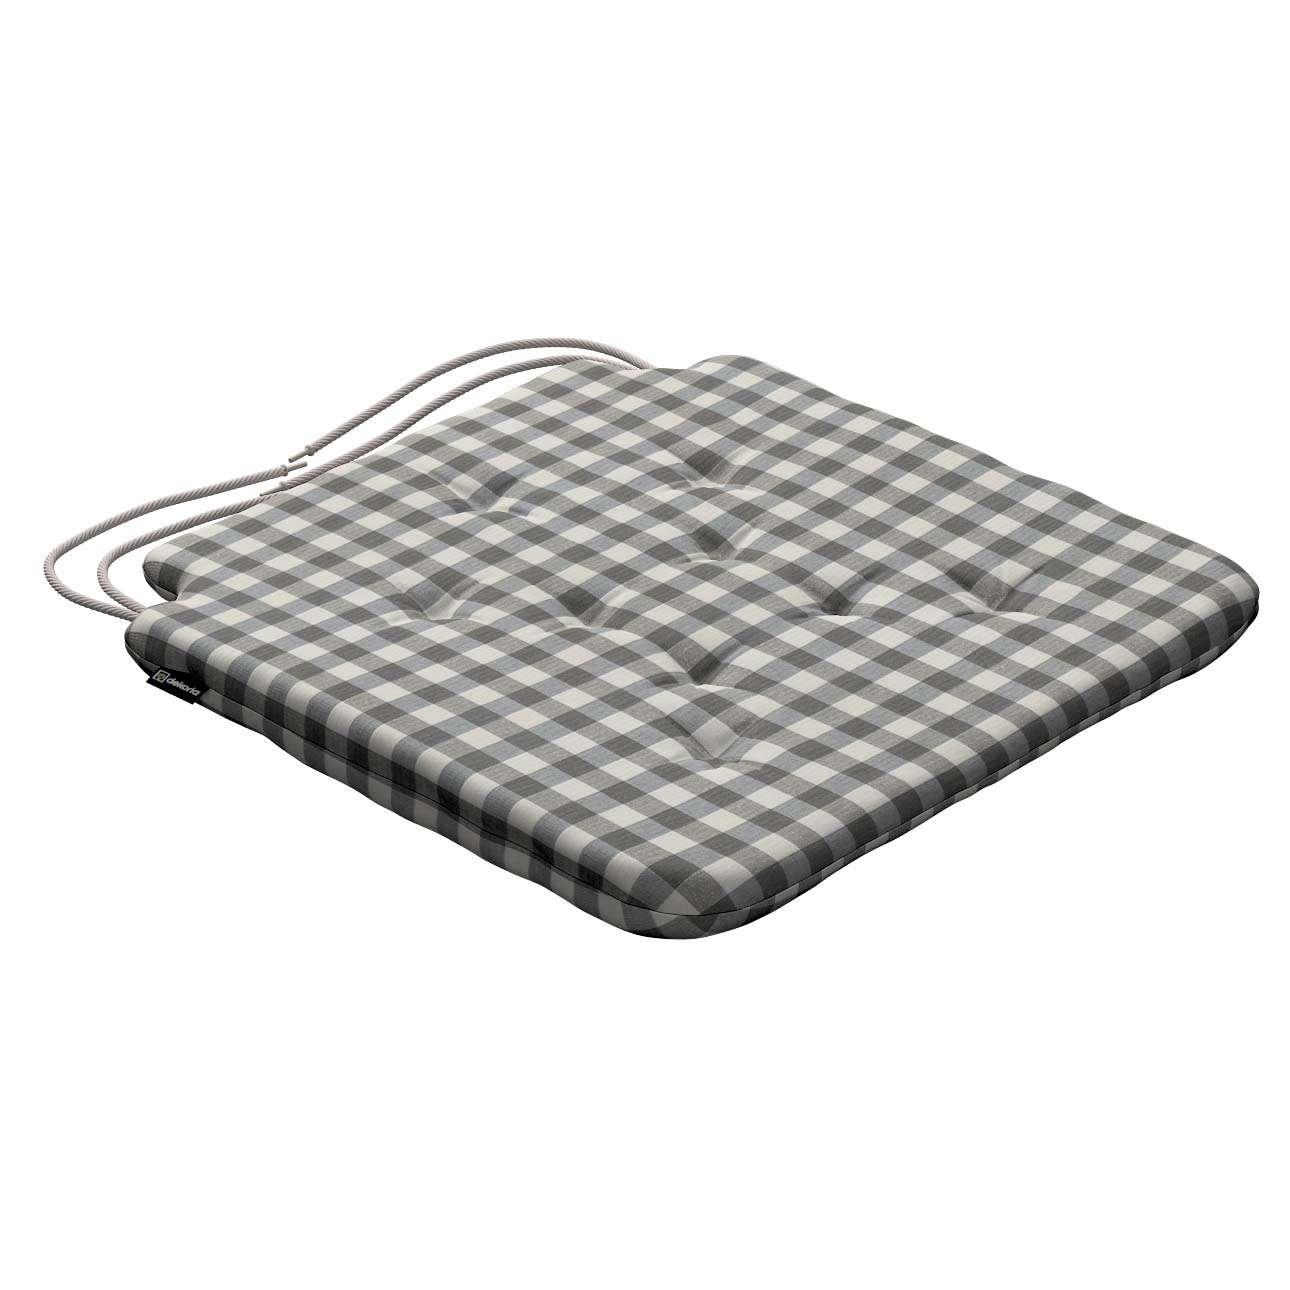 Siedzisko Olek na krzesło 42x41x3,5cm w kolekcji Quadro, tkanina: 136-11